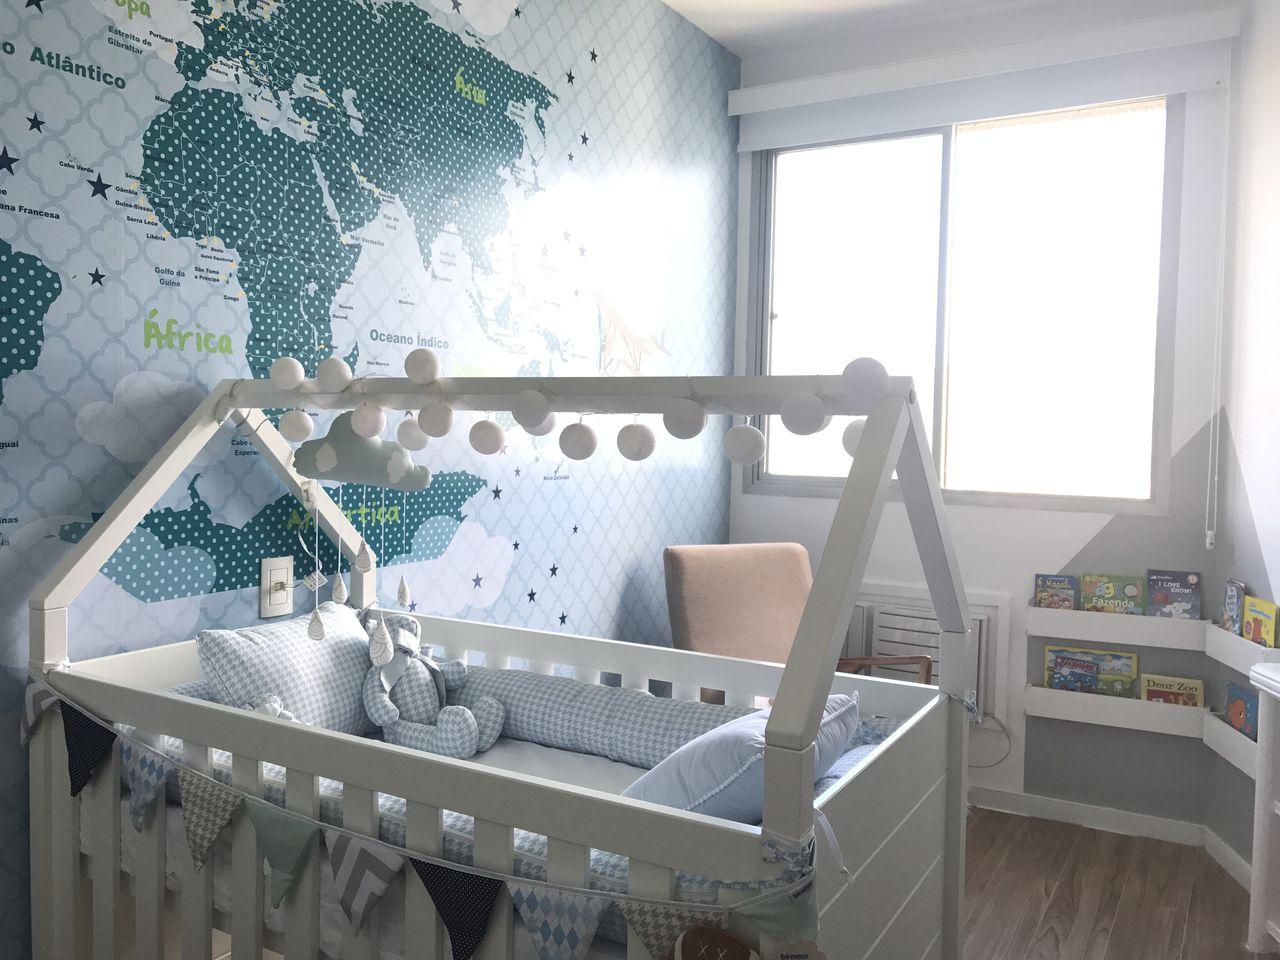 Quarto Beb Com Mapa Mundi Azul E Ber O Branco De Arqexpress  ~ Papel De Parede Mapa Mundi Quarto